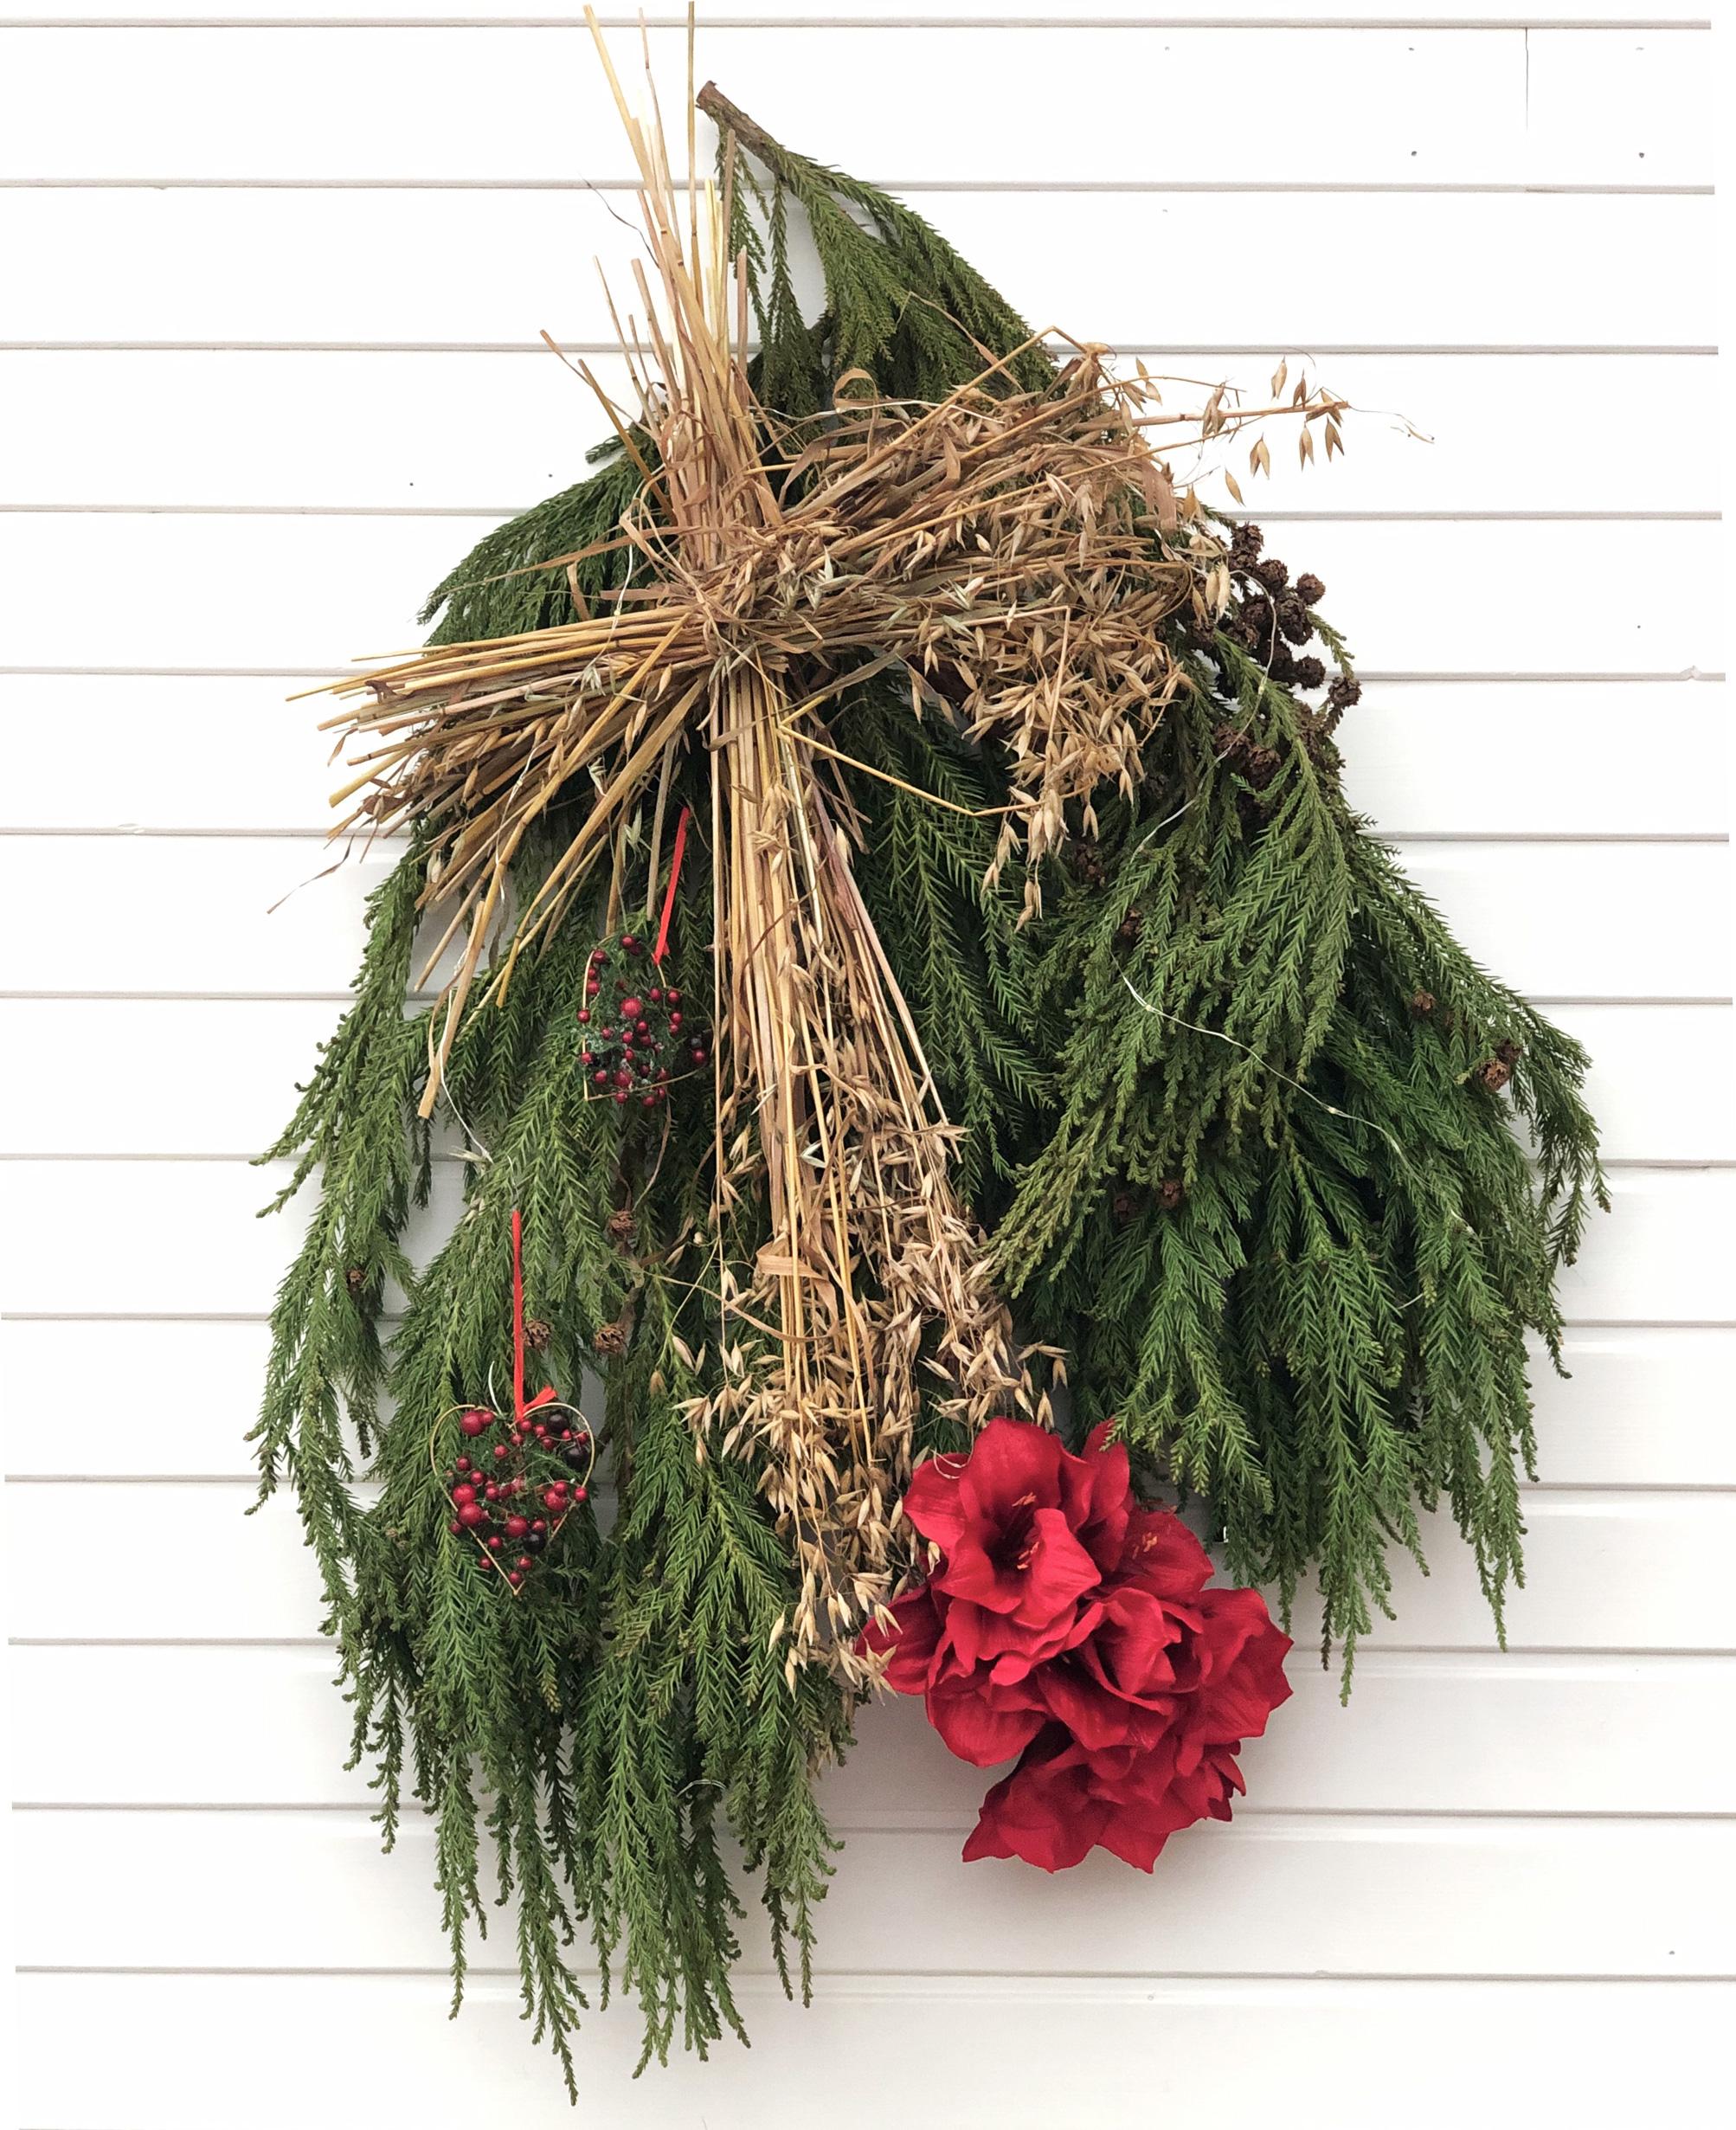 Juldekoration istället för julkrans. Den hänger jättefint på väggen vid kortändan av julbordet som i år fått en röd julduk.